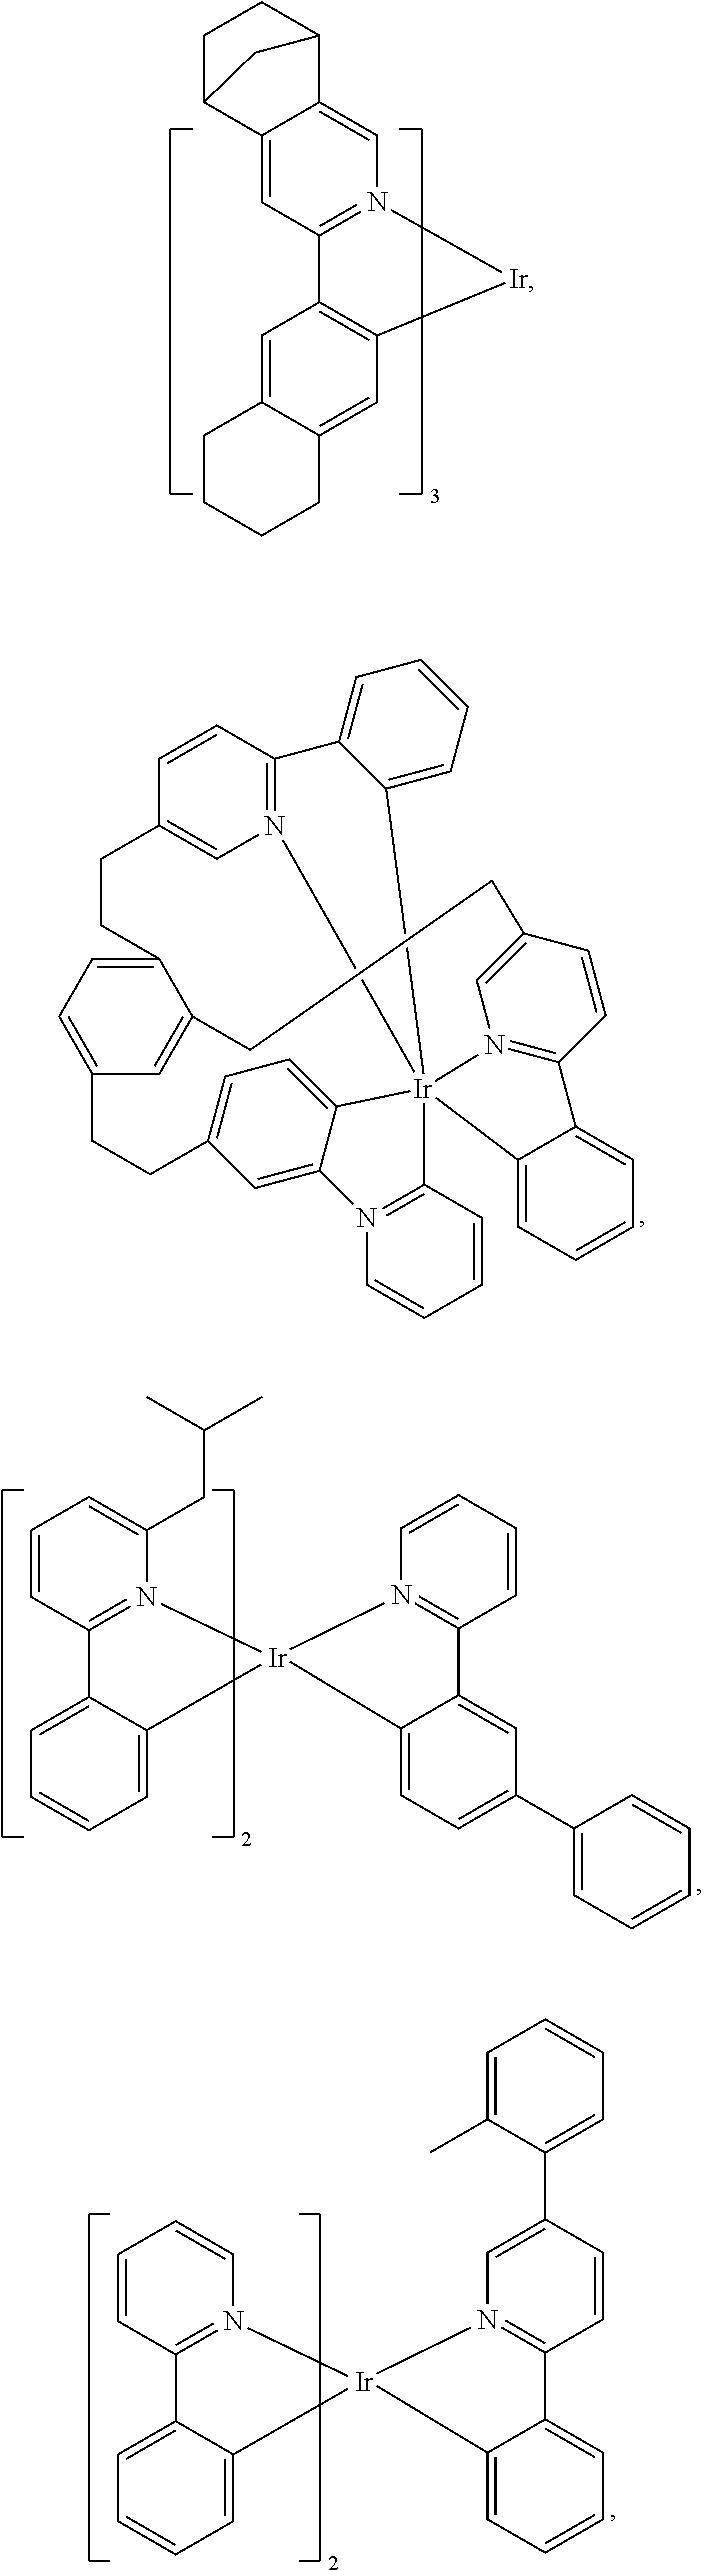 Figure US09859510-20180102-C00072